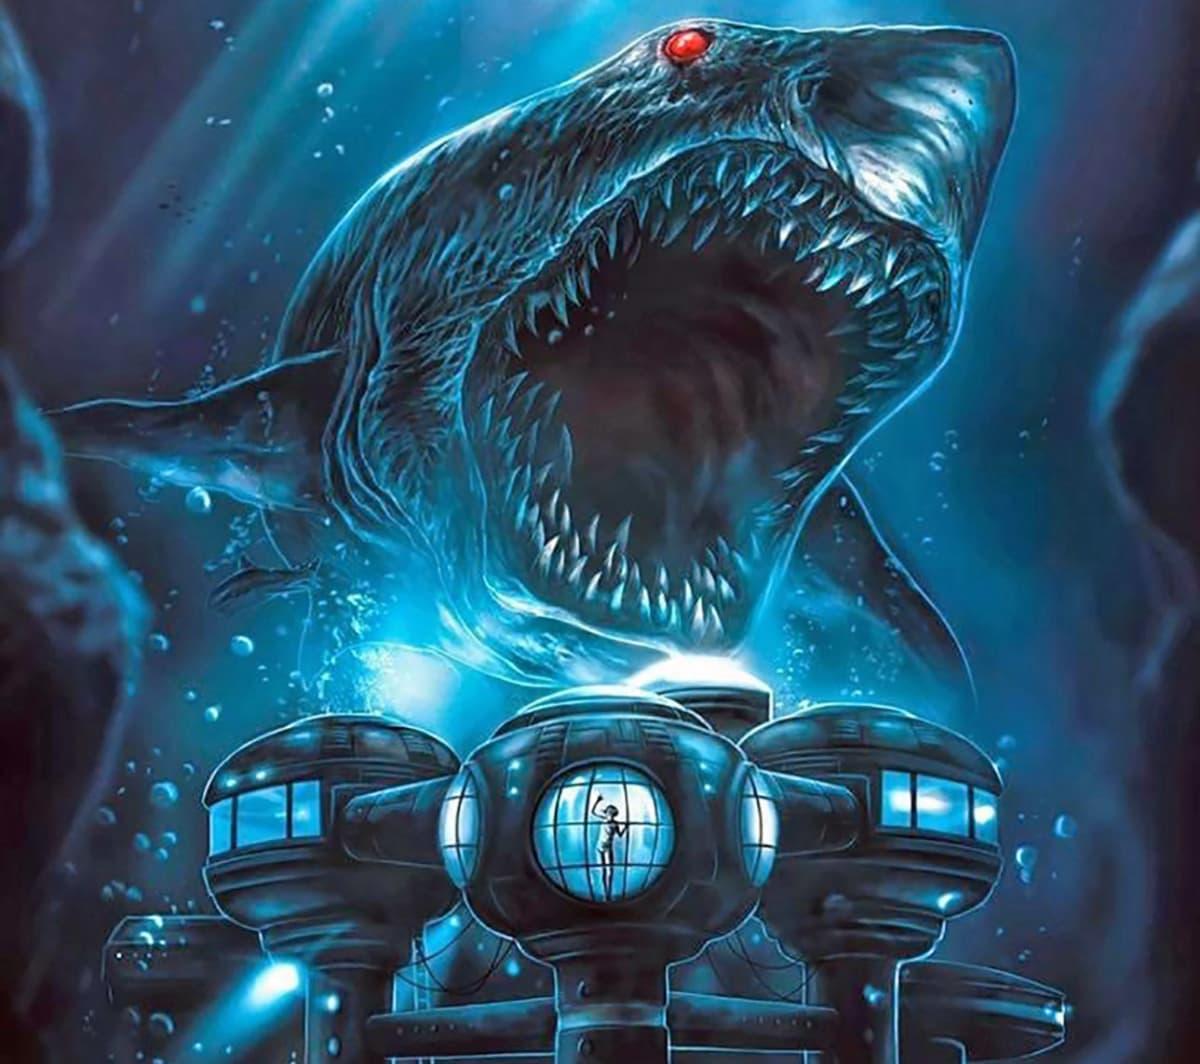 Jättiläismäinen punasilmäinen hai käy merenpohjaan rakennetun futustisen laboratorion kimppuun.